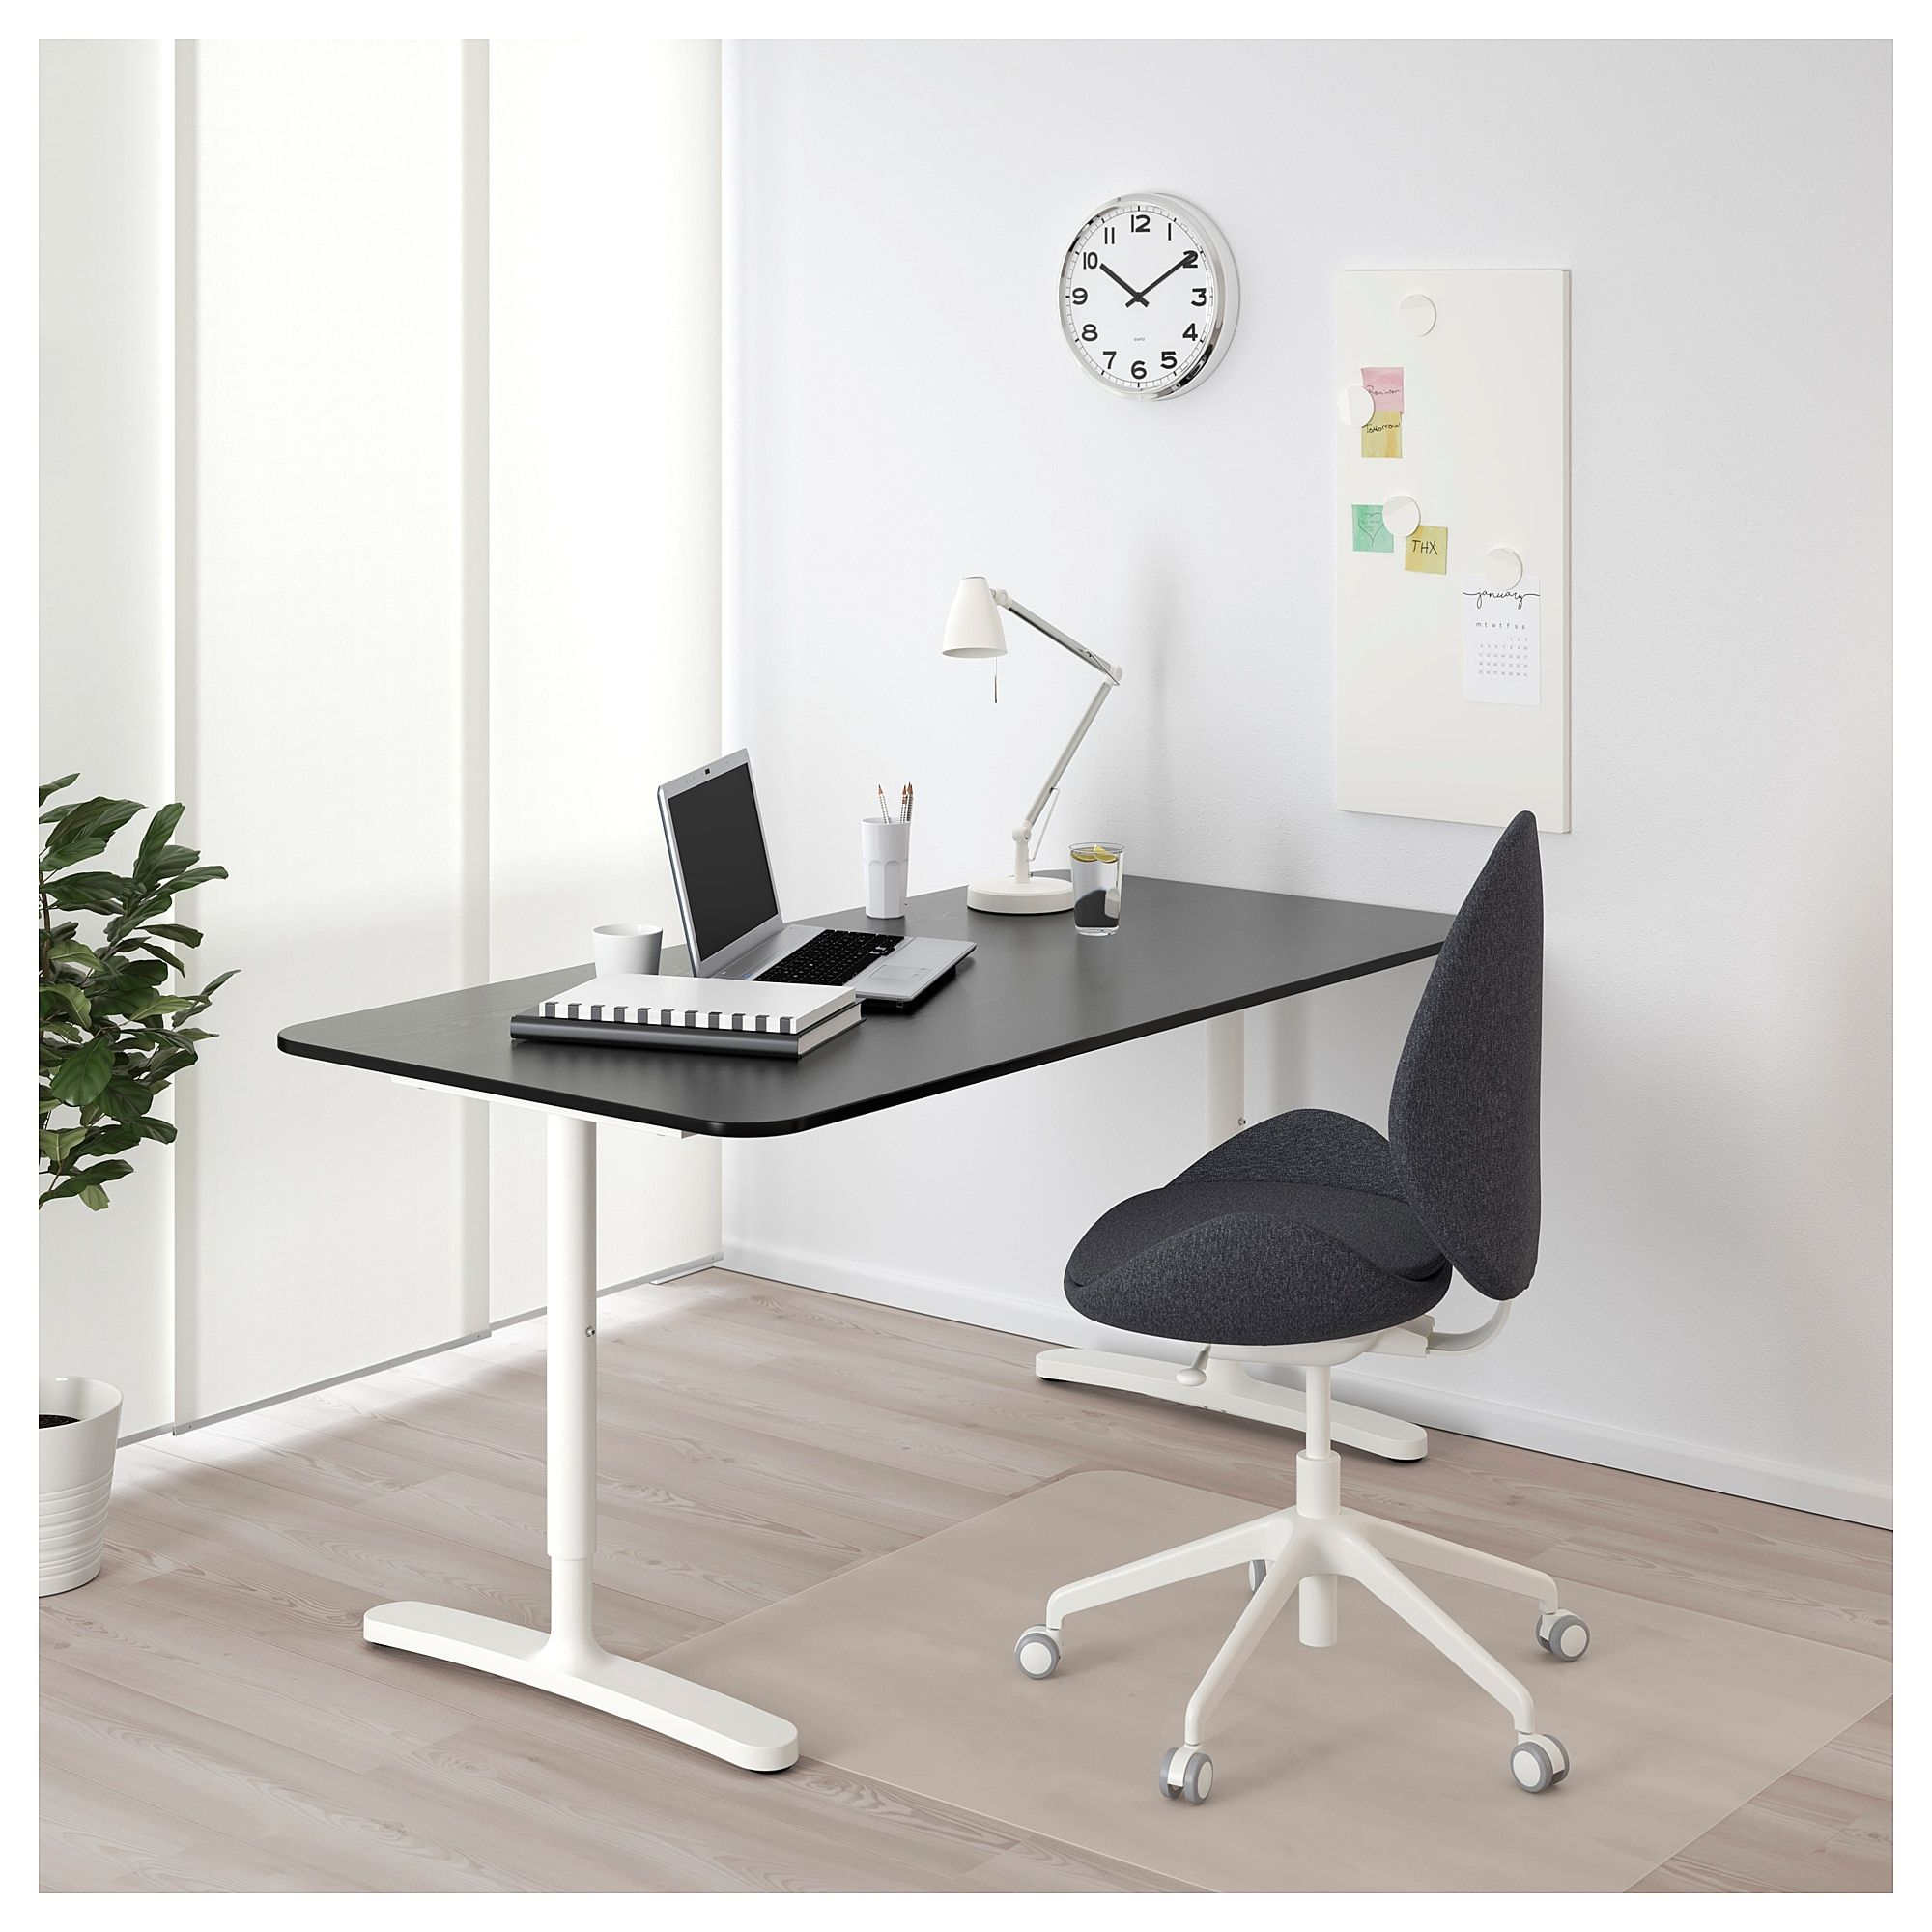 Bekant Desk Black Stained Ash Veneer White 63x31 1 2 160x80 Cm Ikea Bekant Corner Desk White Desks